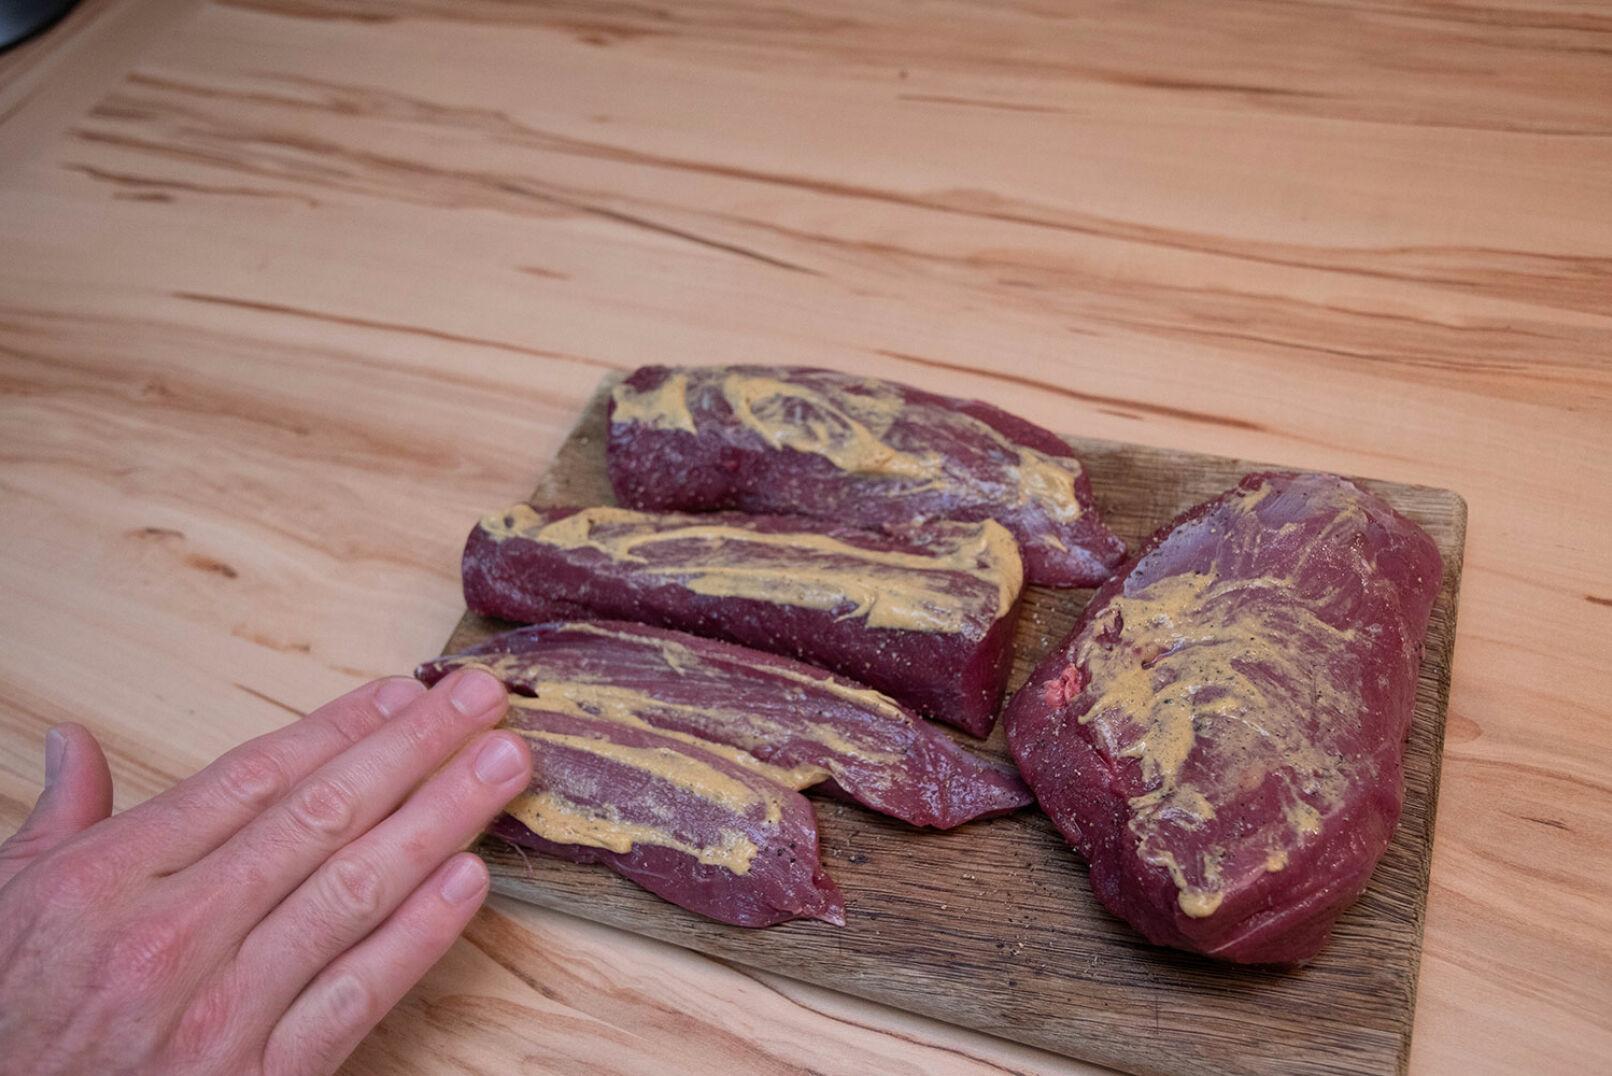 Das Fleisch mit Salz und Pfeffer würzen und mit Senf einreiben. - © Barbara Marko